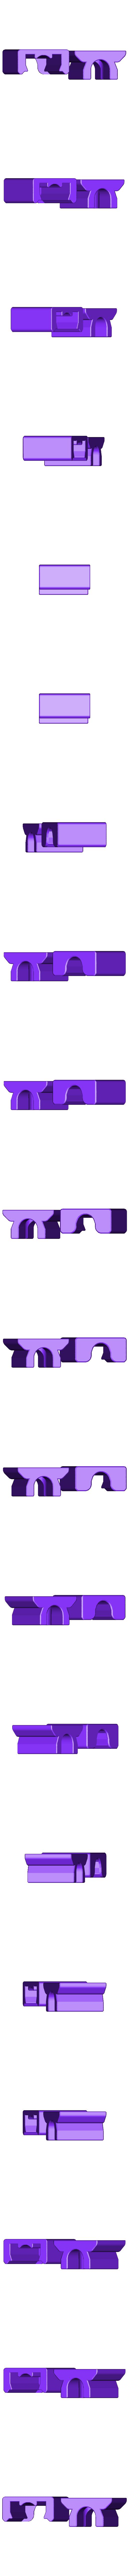 passe-cable-v2-3.stl Télécharger fichier STL gratuit Passe-Câble pour Bureau Assis-Debout • Modèle pour imprimante 3D, TamTam3D